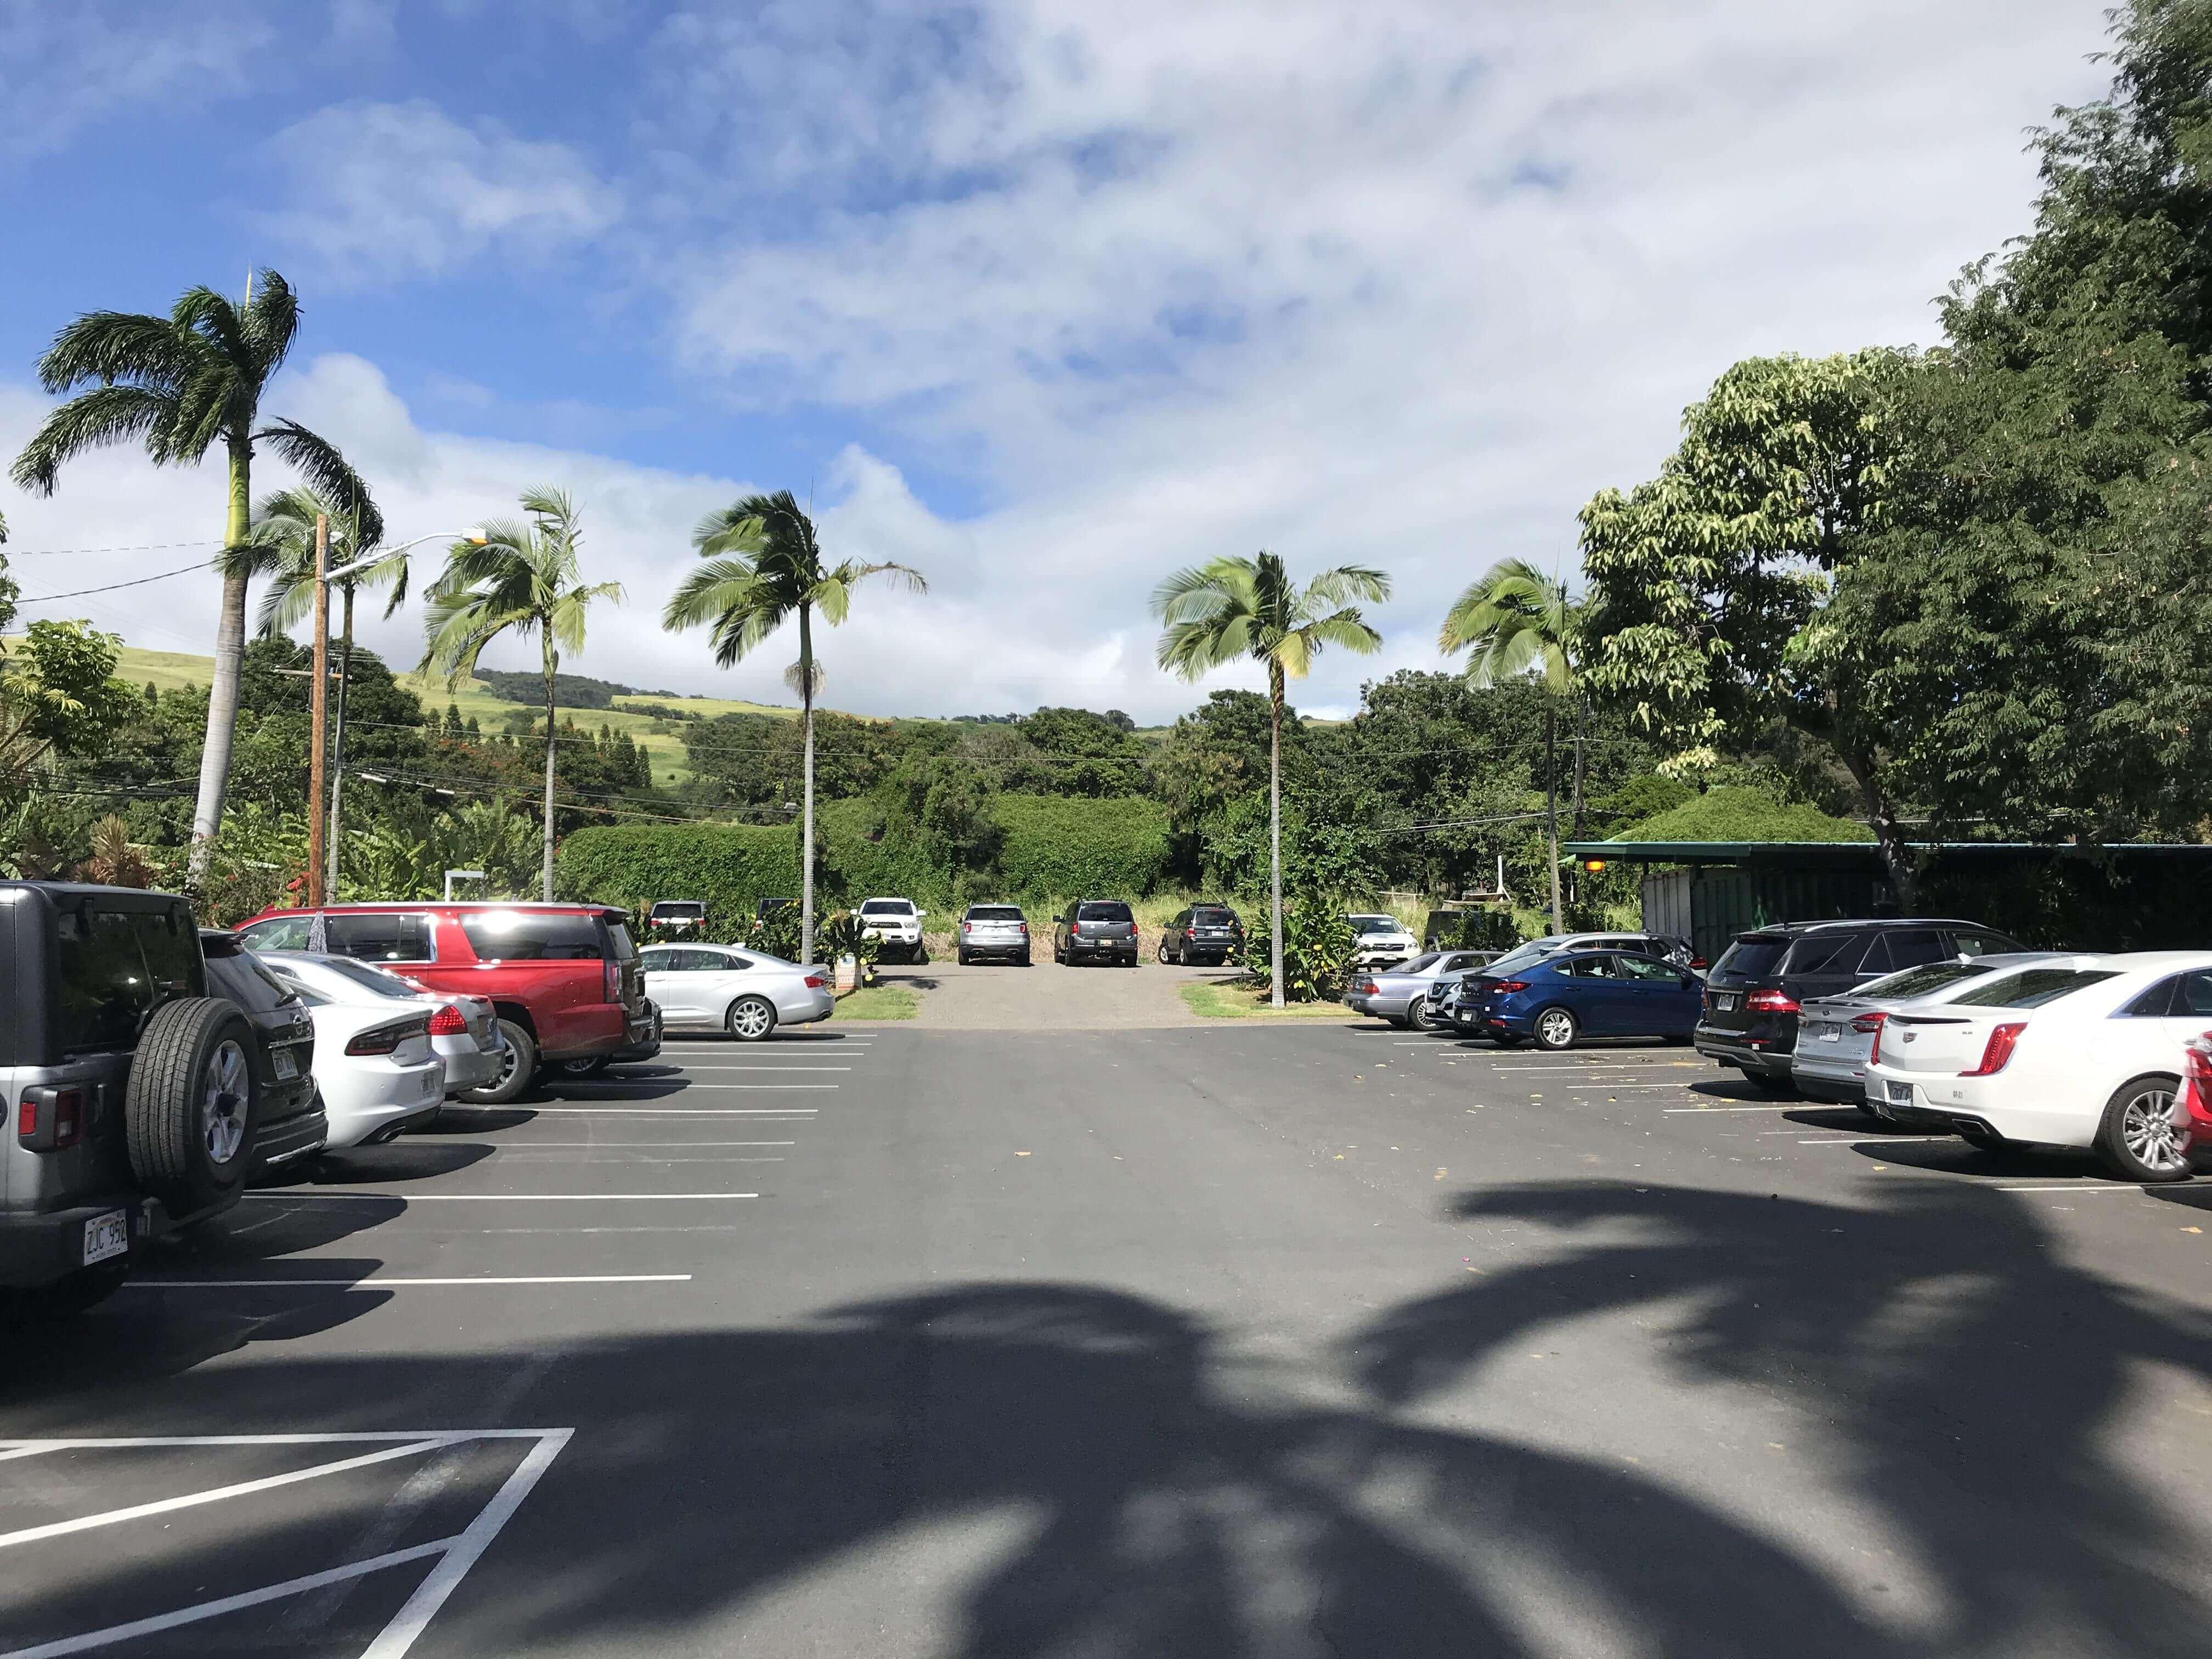 ハワイ-プナルウベイクショップ-駐車場2